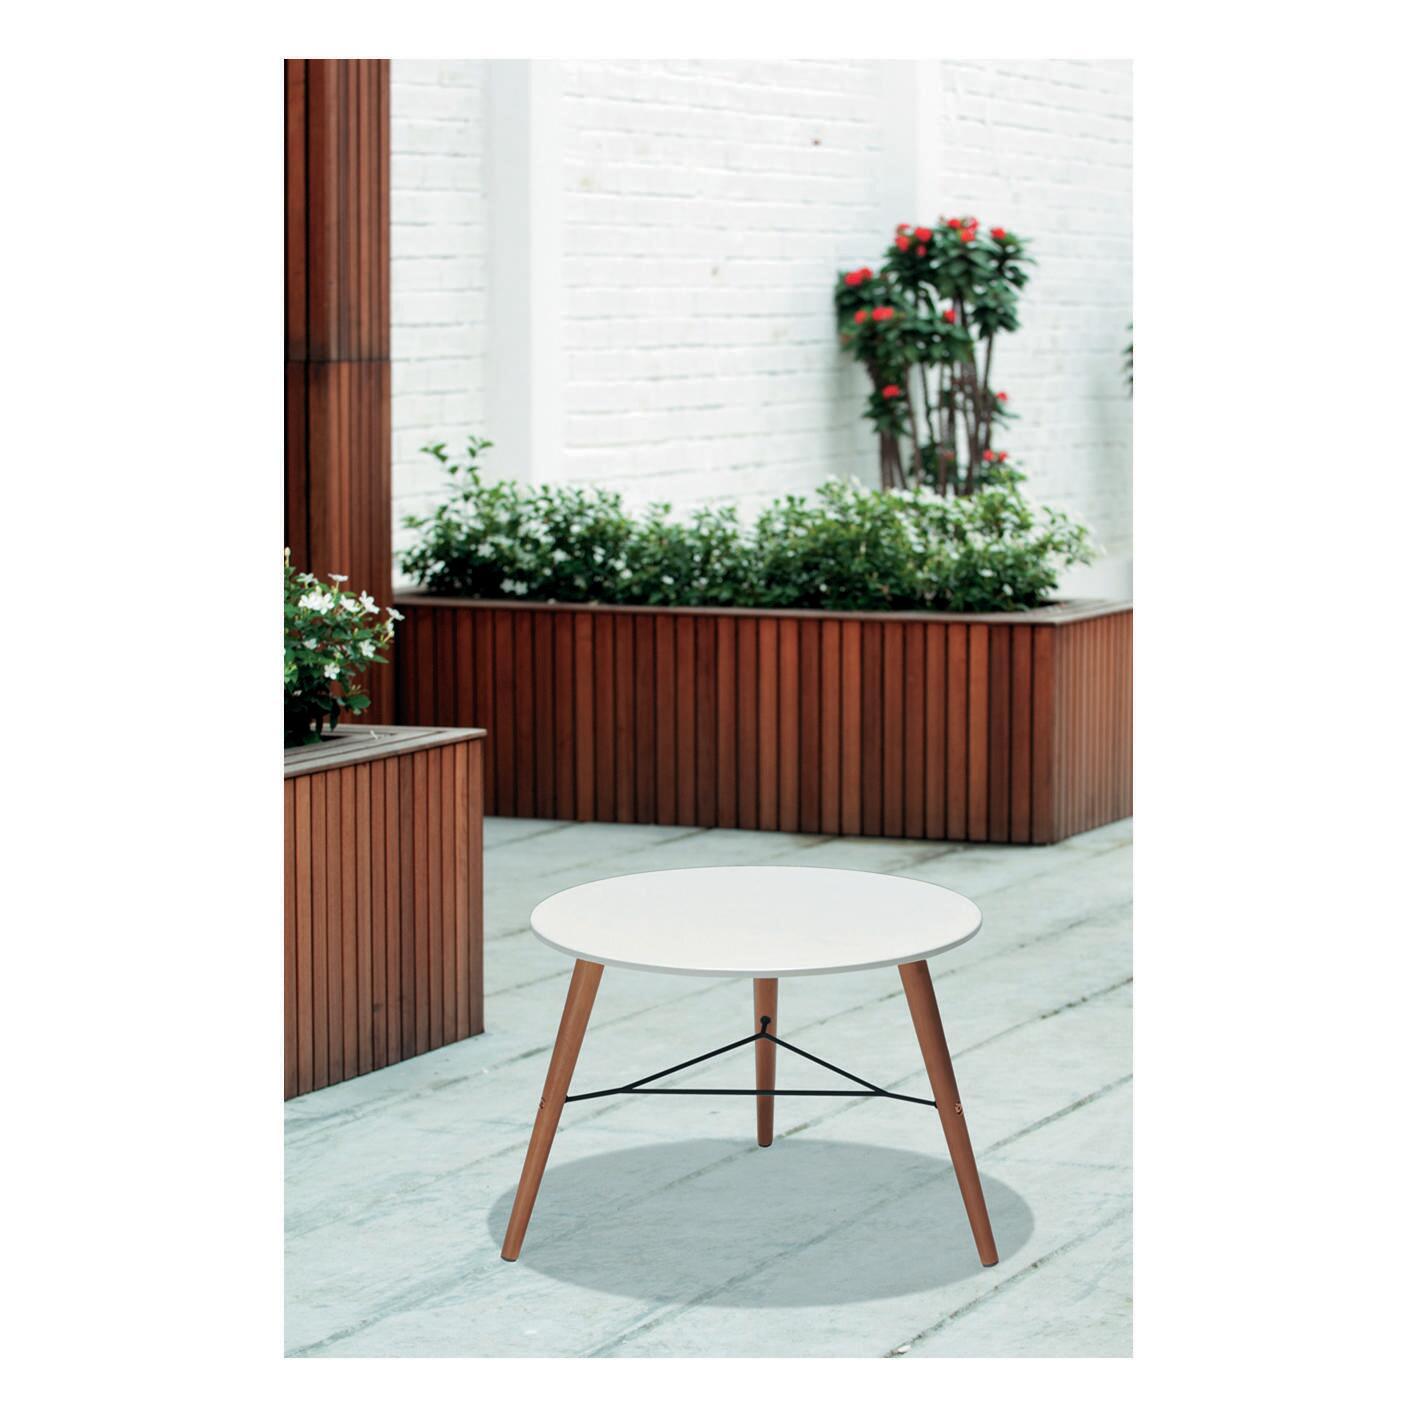 Tavolino da giardino rotondo Chamonix con piano in composito Ø 60 cm - 6